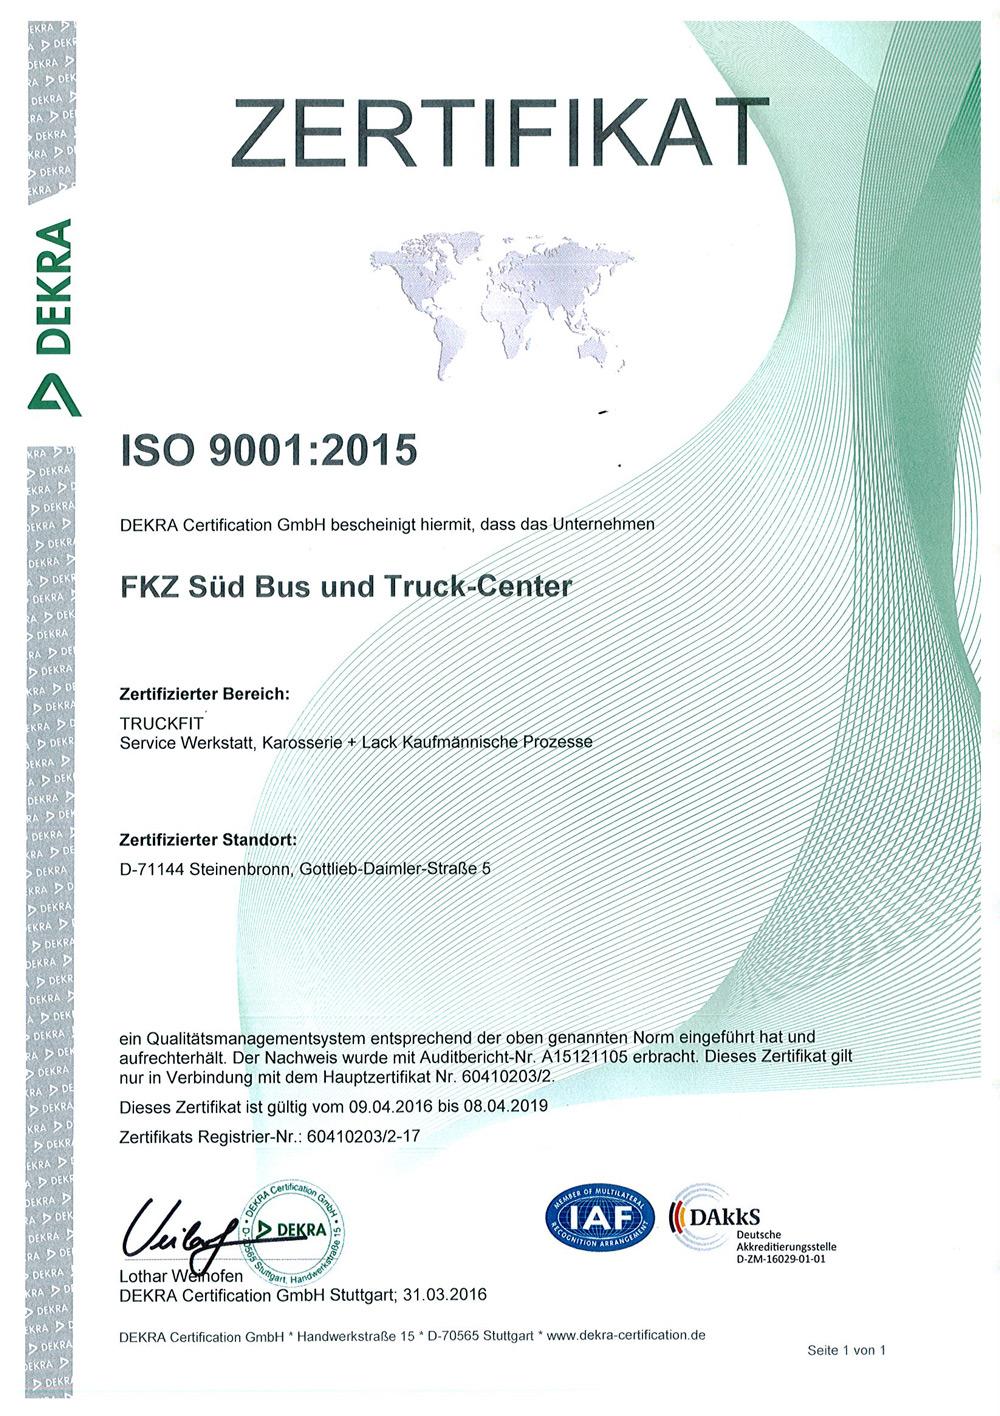 www.fkz-sued.de/images/Zertifikat_ISO-9001.jpg